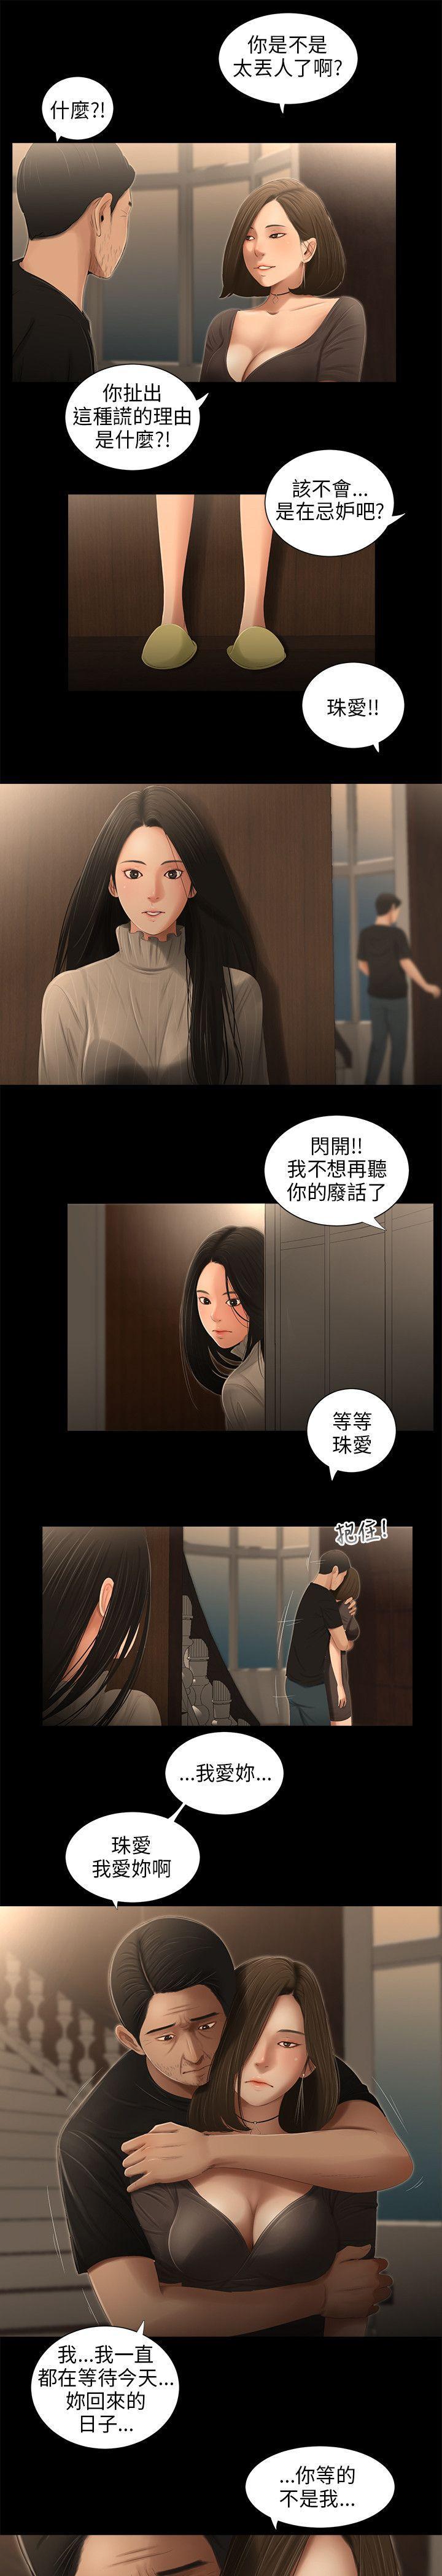 三姐妹 47-50 Chinese 61